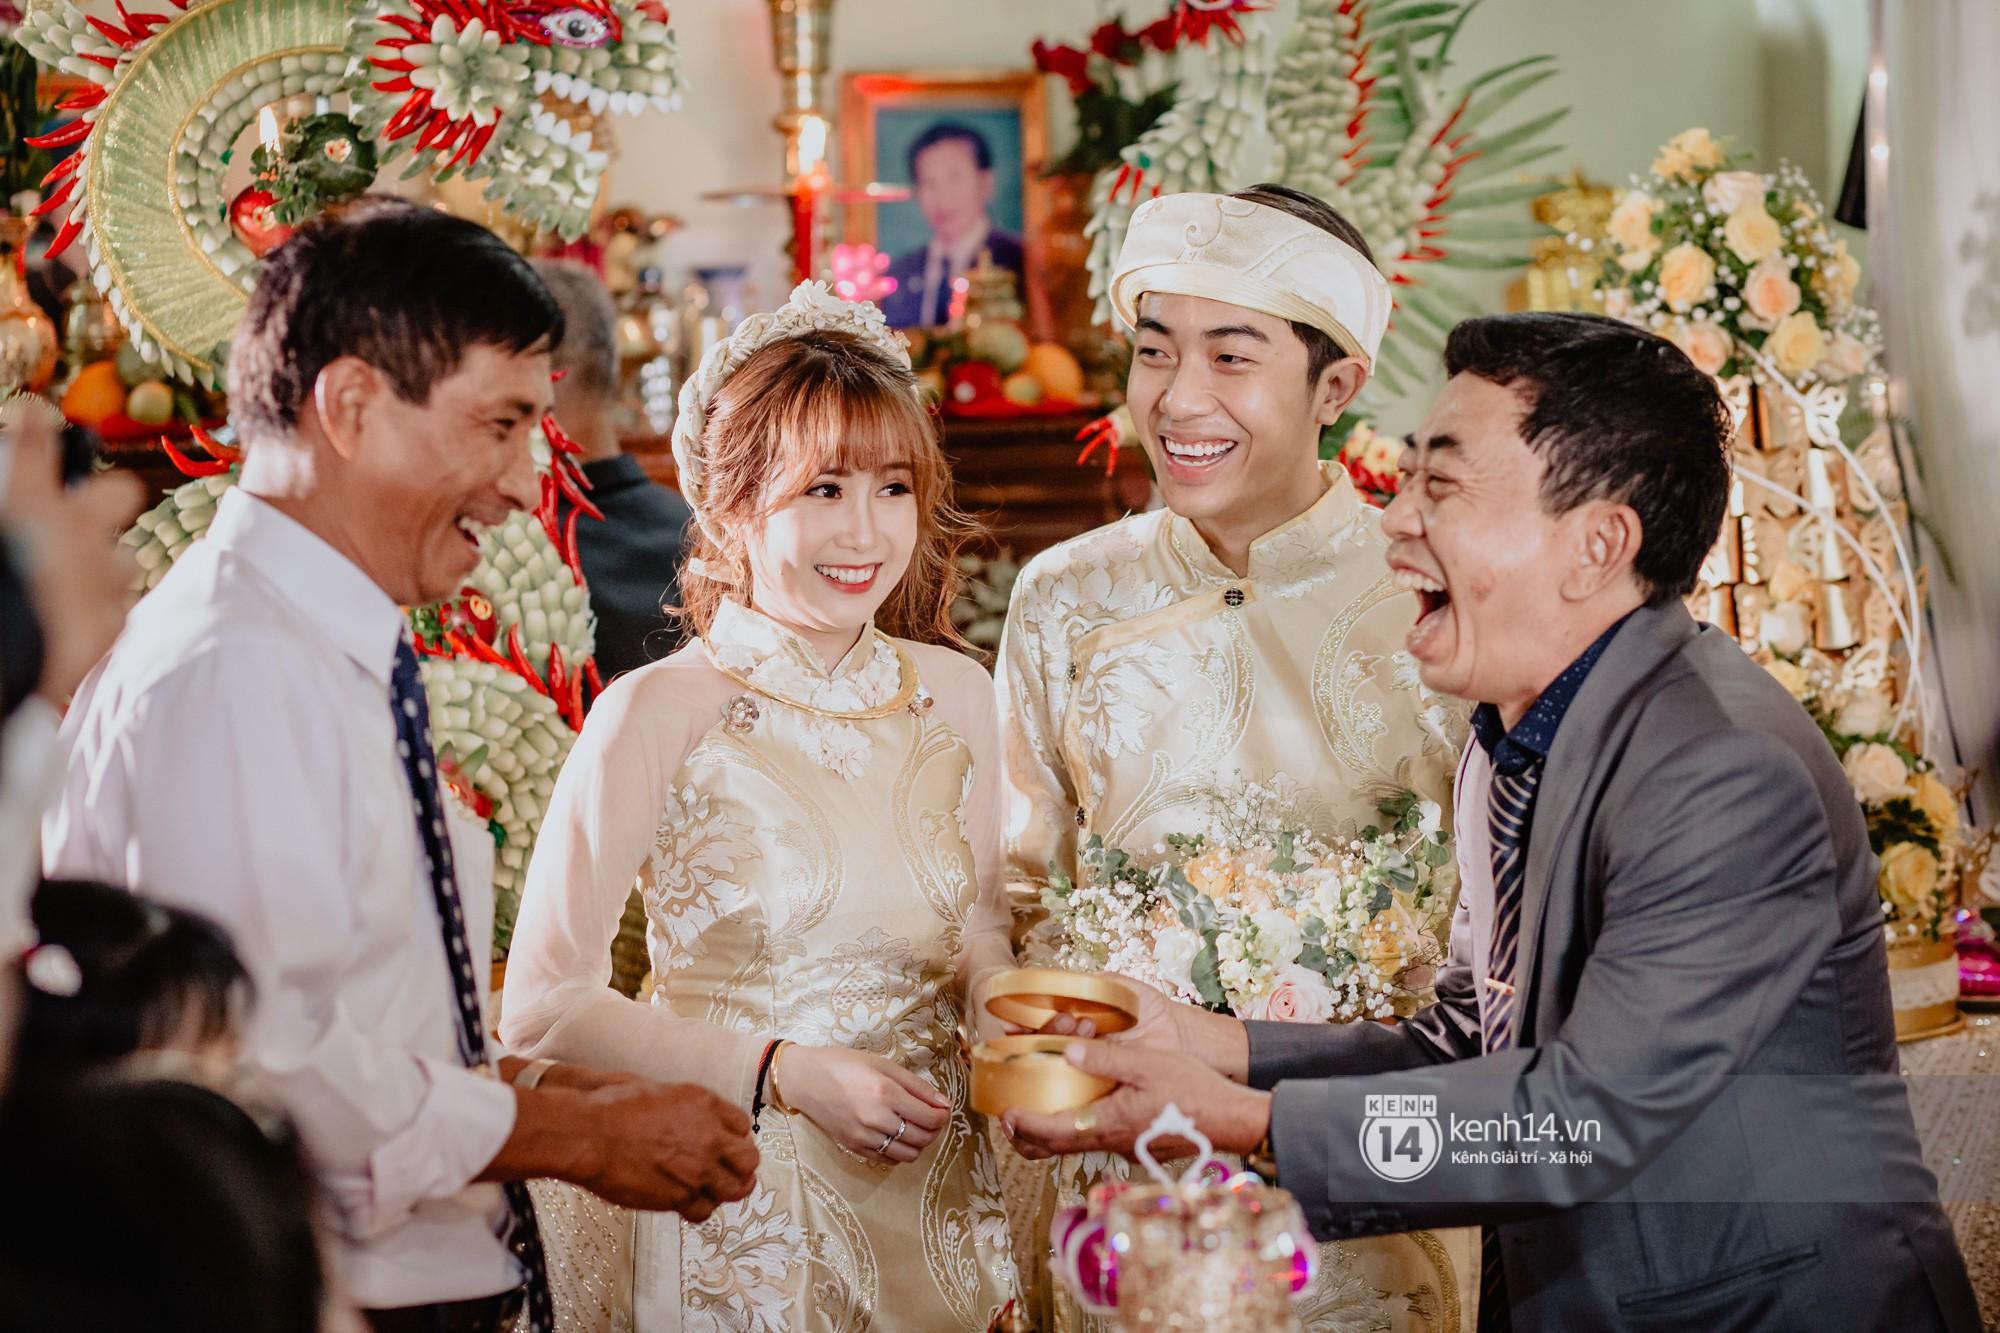 Chùm ảnh rạng rỡ của Cris Phan và Mai Quỳnh Anh trong lễ cưới ở Phú Yên - Ảnh 6.